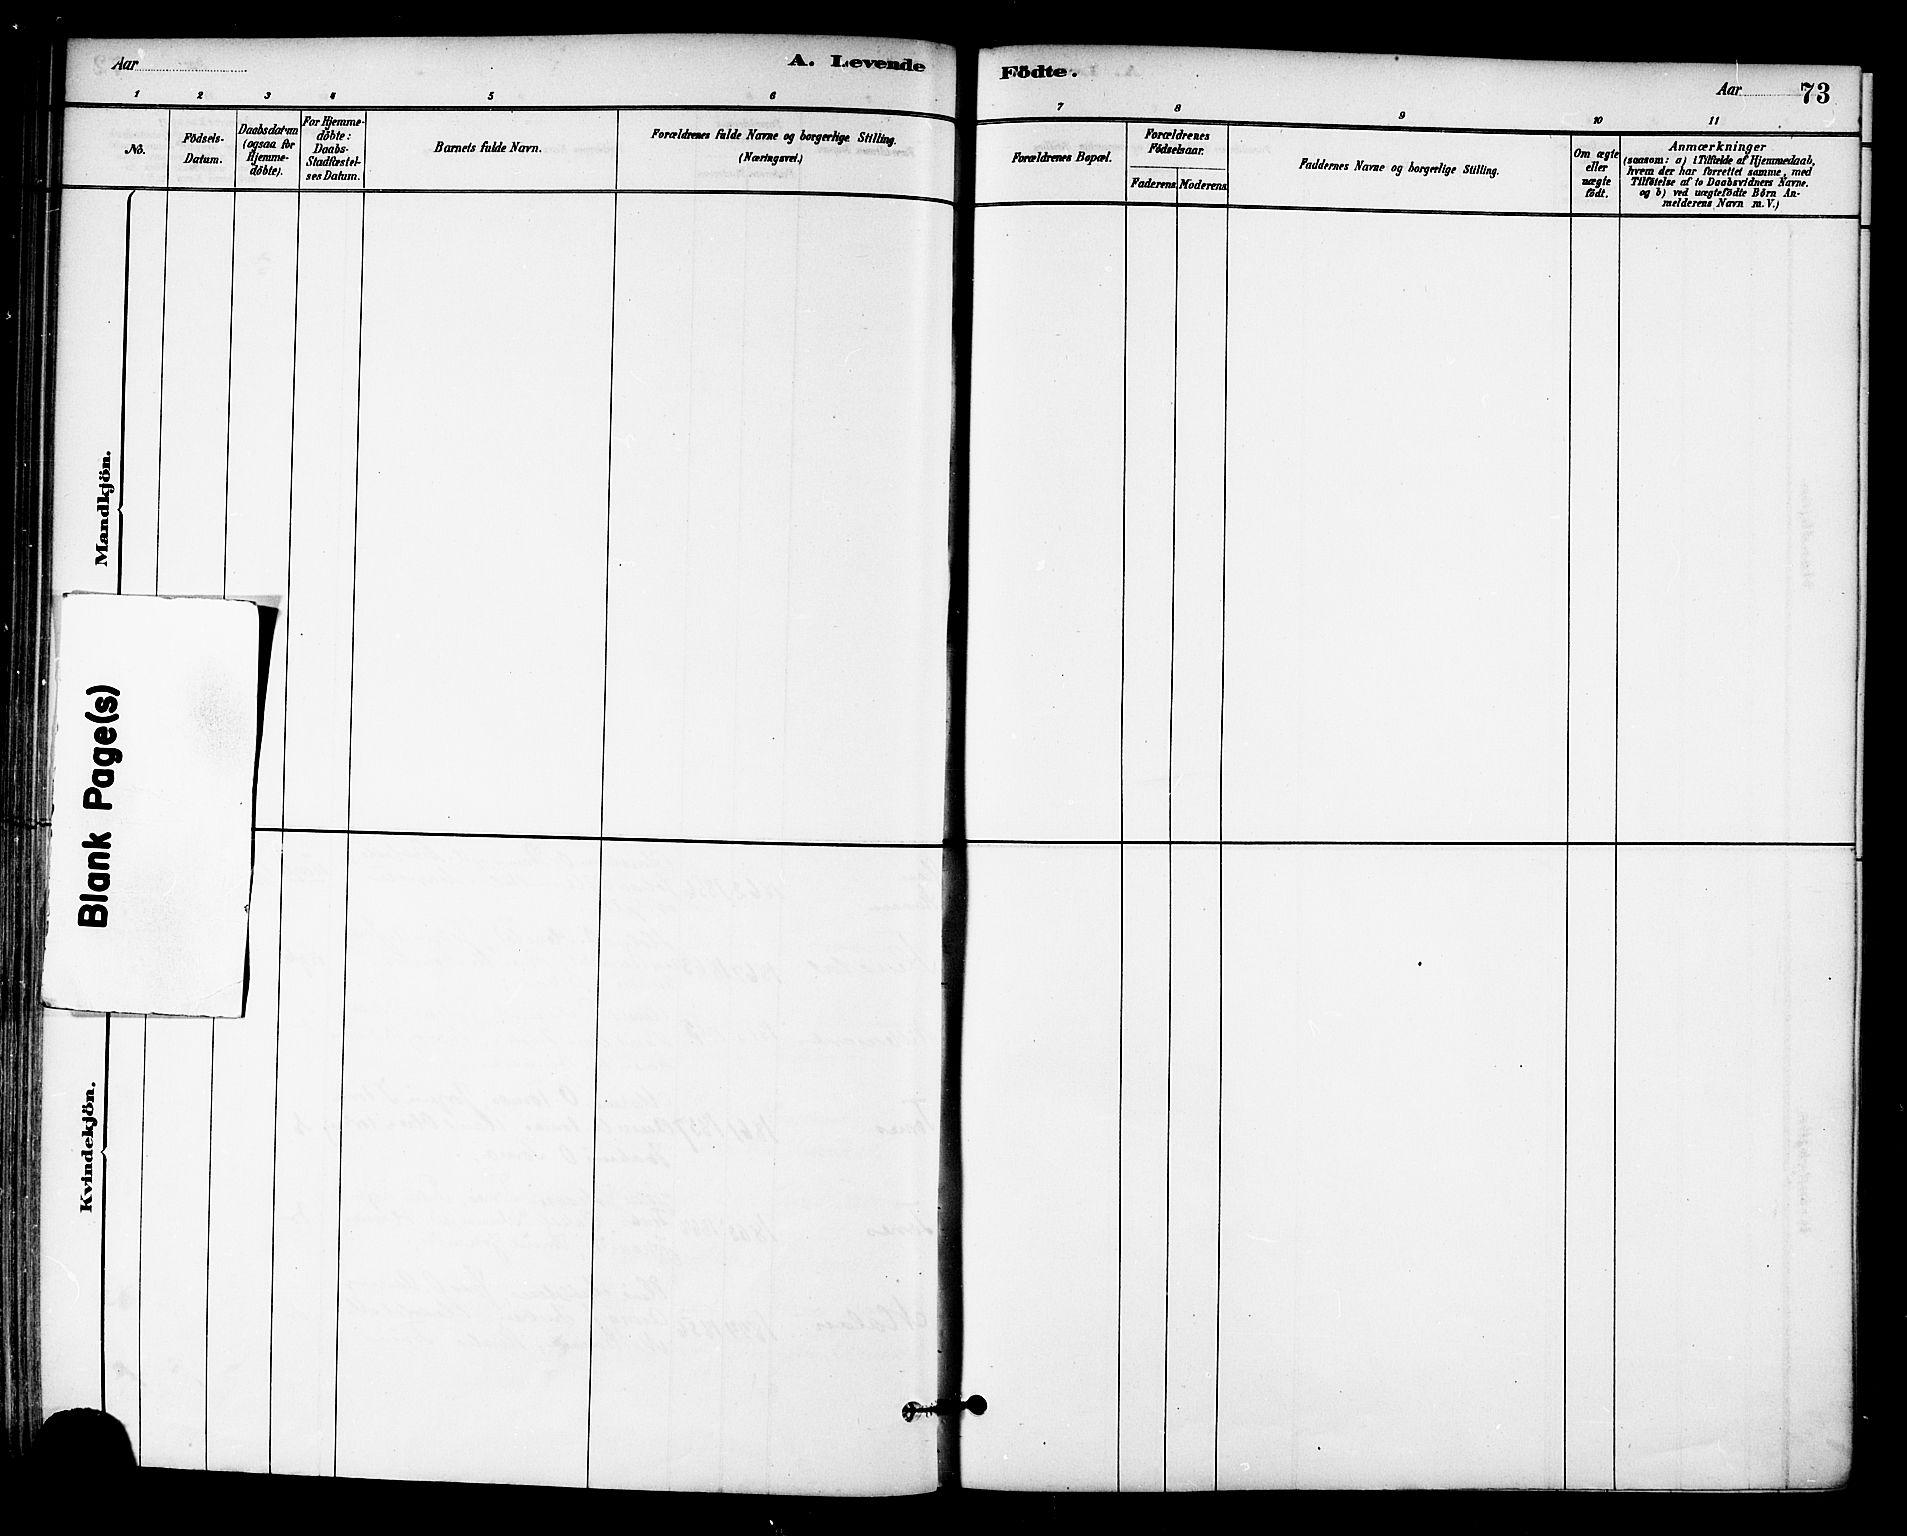 SAT, Ministerialprotokoller, klokkerbøker og fødselsregistre - Sør-Trøndelag, 655/L0680: Ministerialbok nr. 655A09, 1880-1894, s. 73